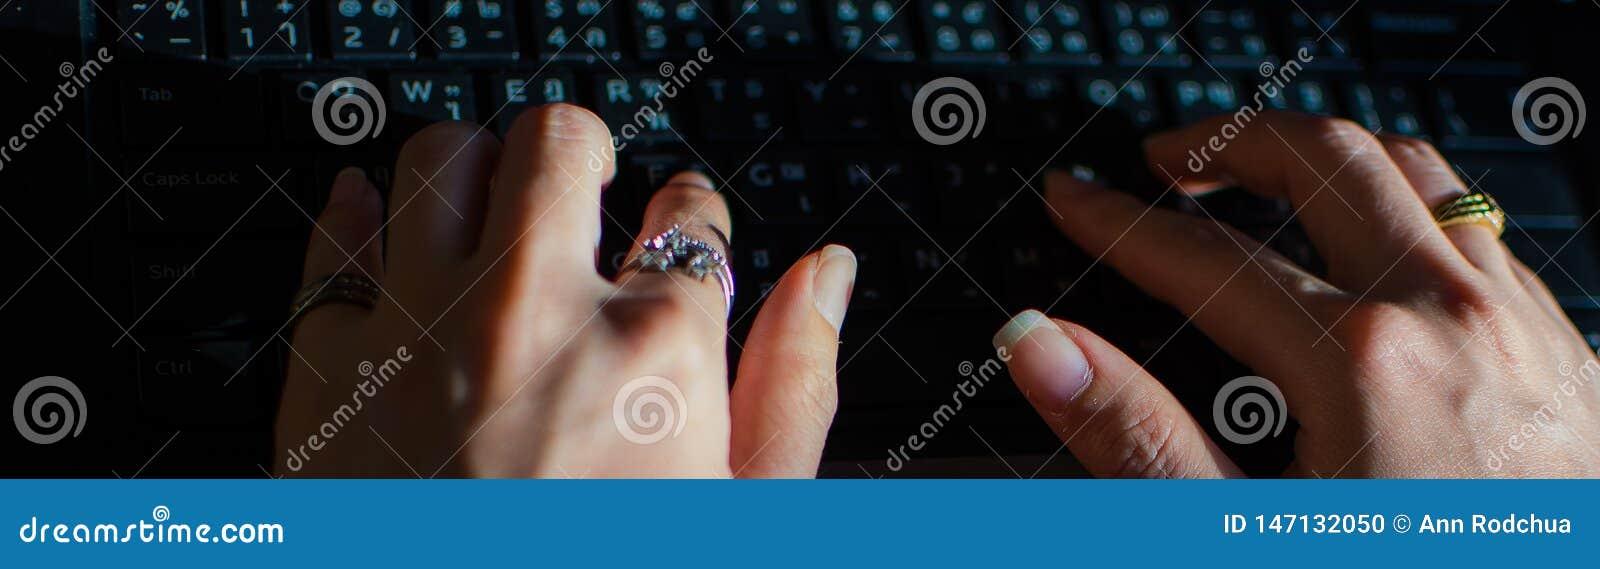 Δακτυλογράφηση ενός μηνύματος στο μαύρο πληκτρολόγιο